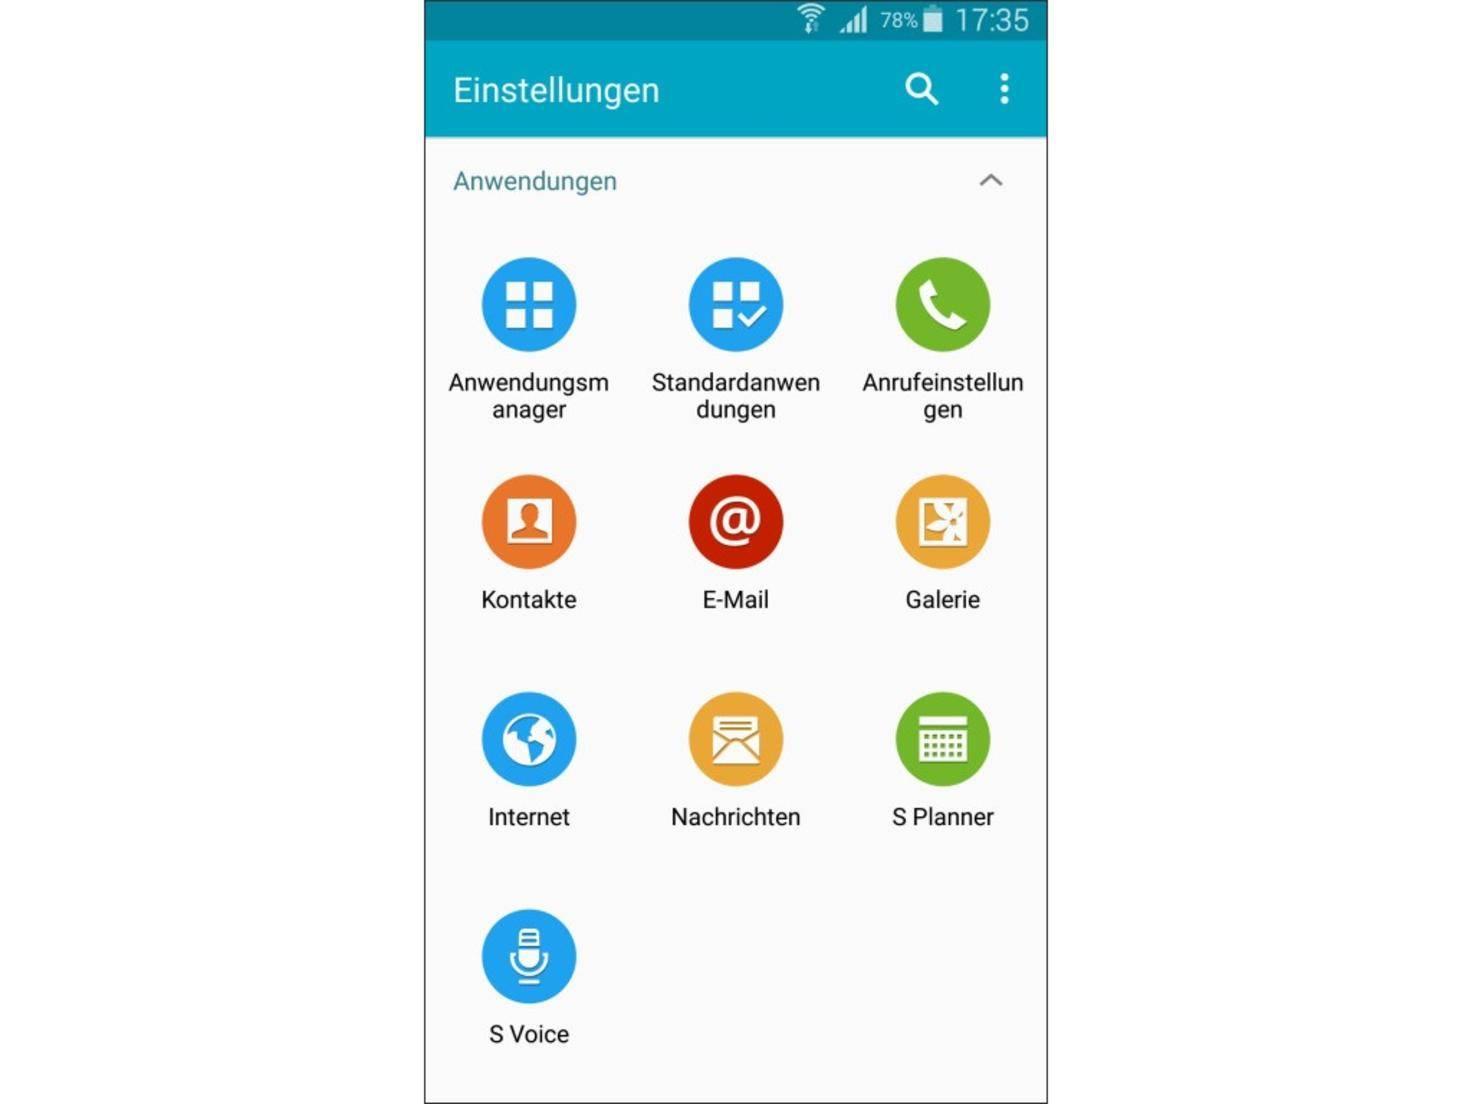 apps auf sd karte verschieben android 5 Unter Android Daten auf die SD Karte verschieben: So geht's